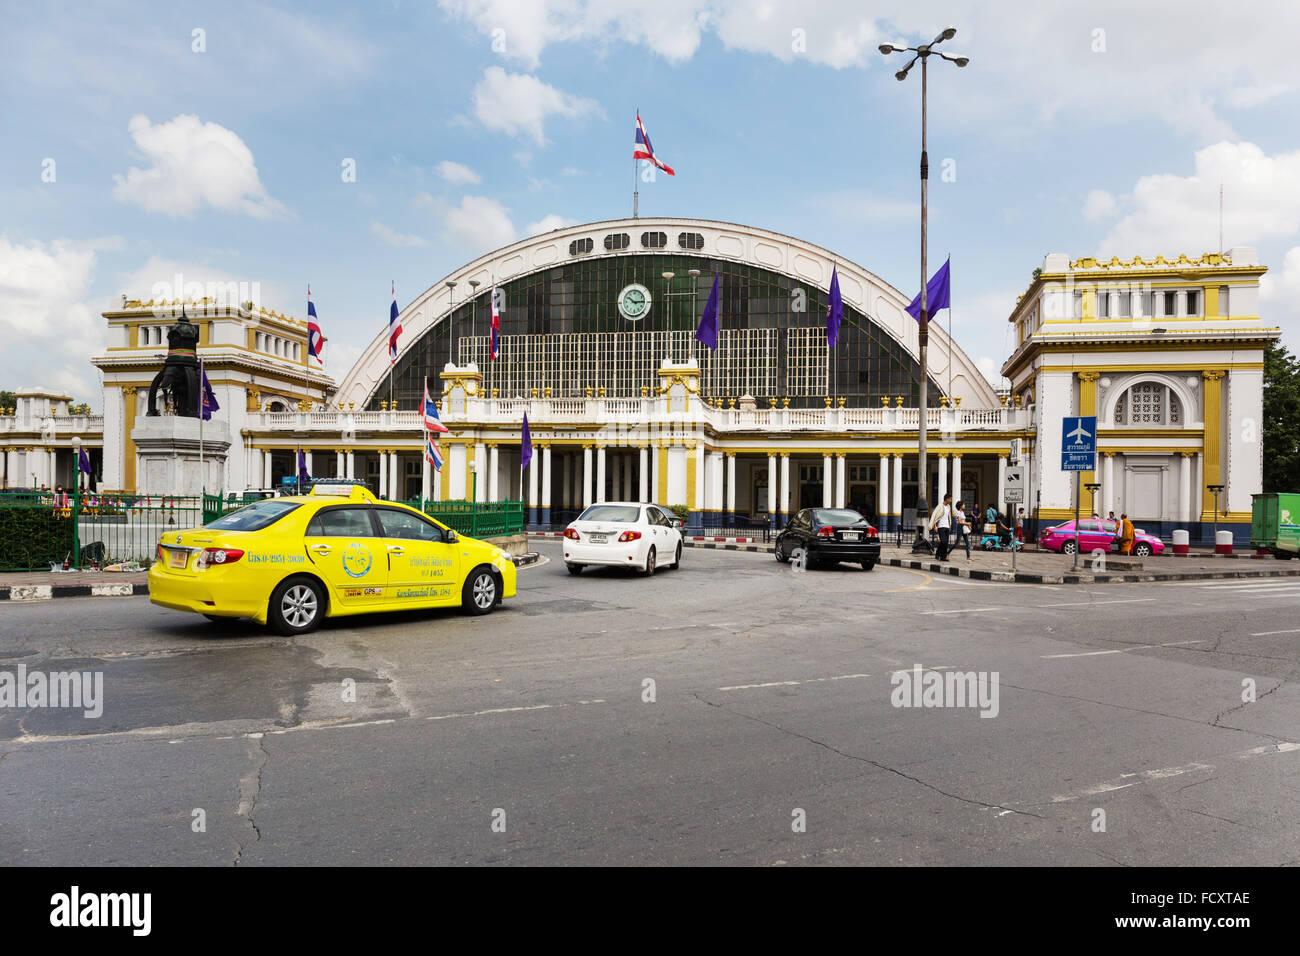 Taxi enfrente de la estación central, la Estación de Tren Hua Lamphong, Chinatown, Bangkok, Tailandia Imagen De Stock